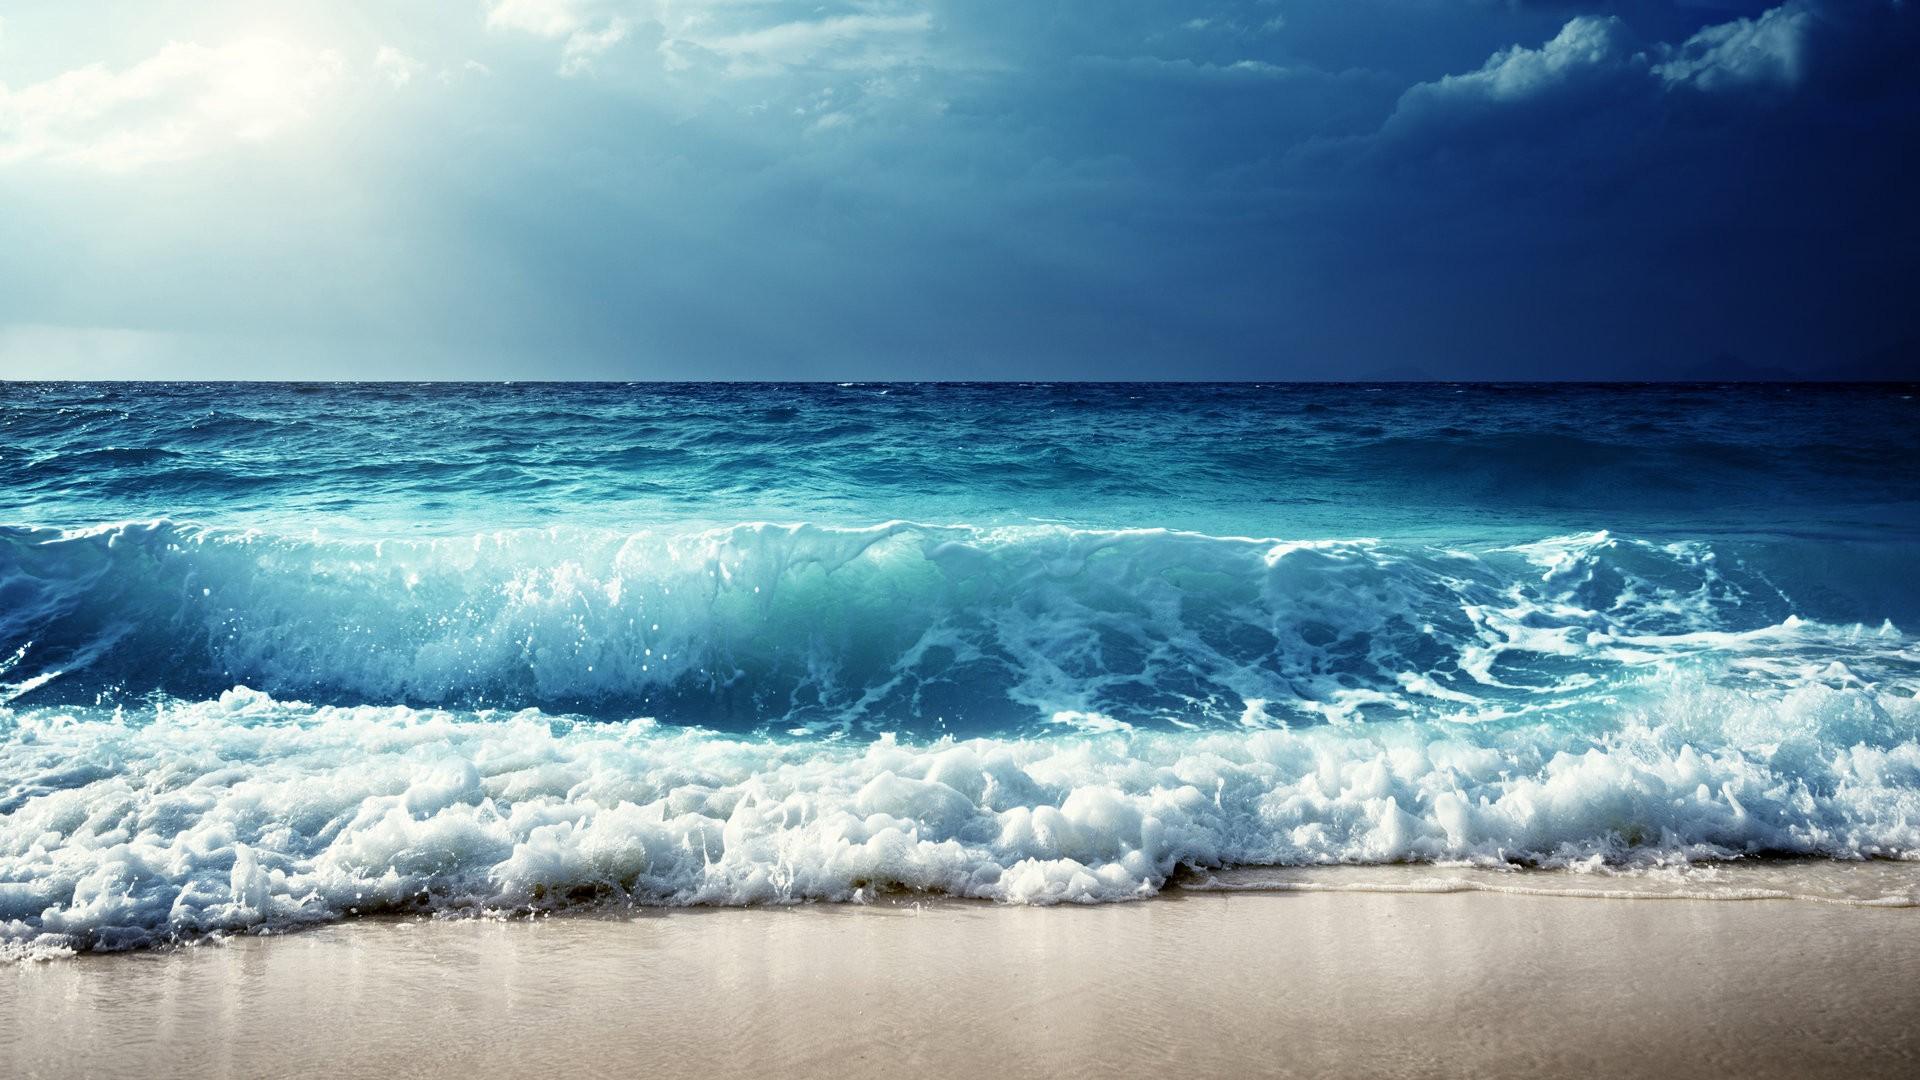 海浪动态壁纸高清